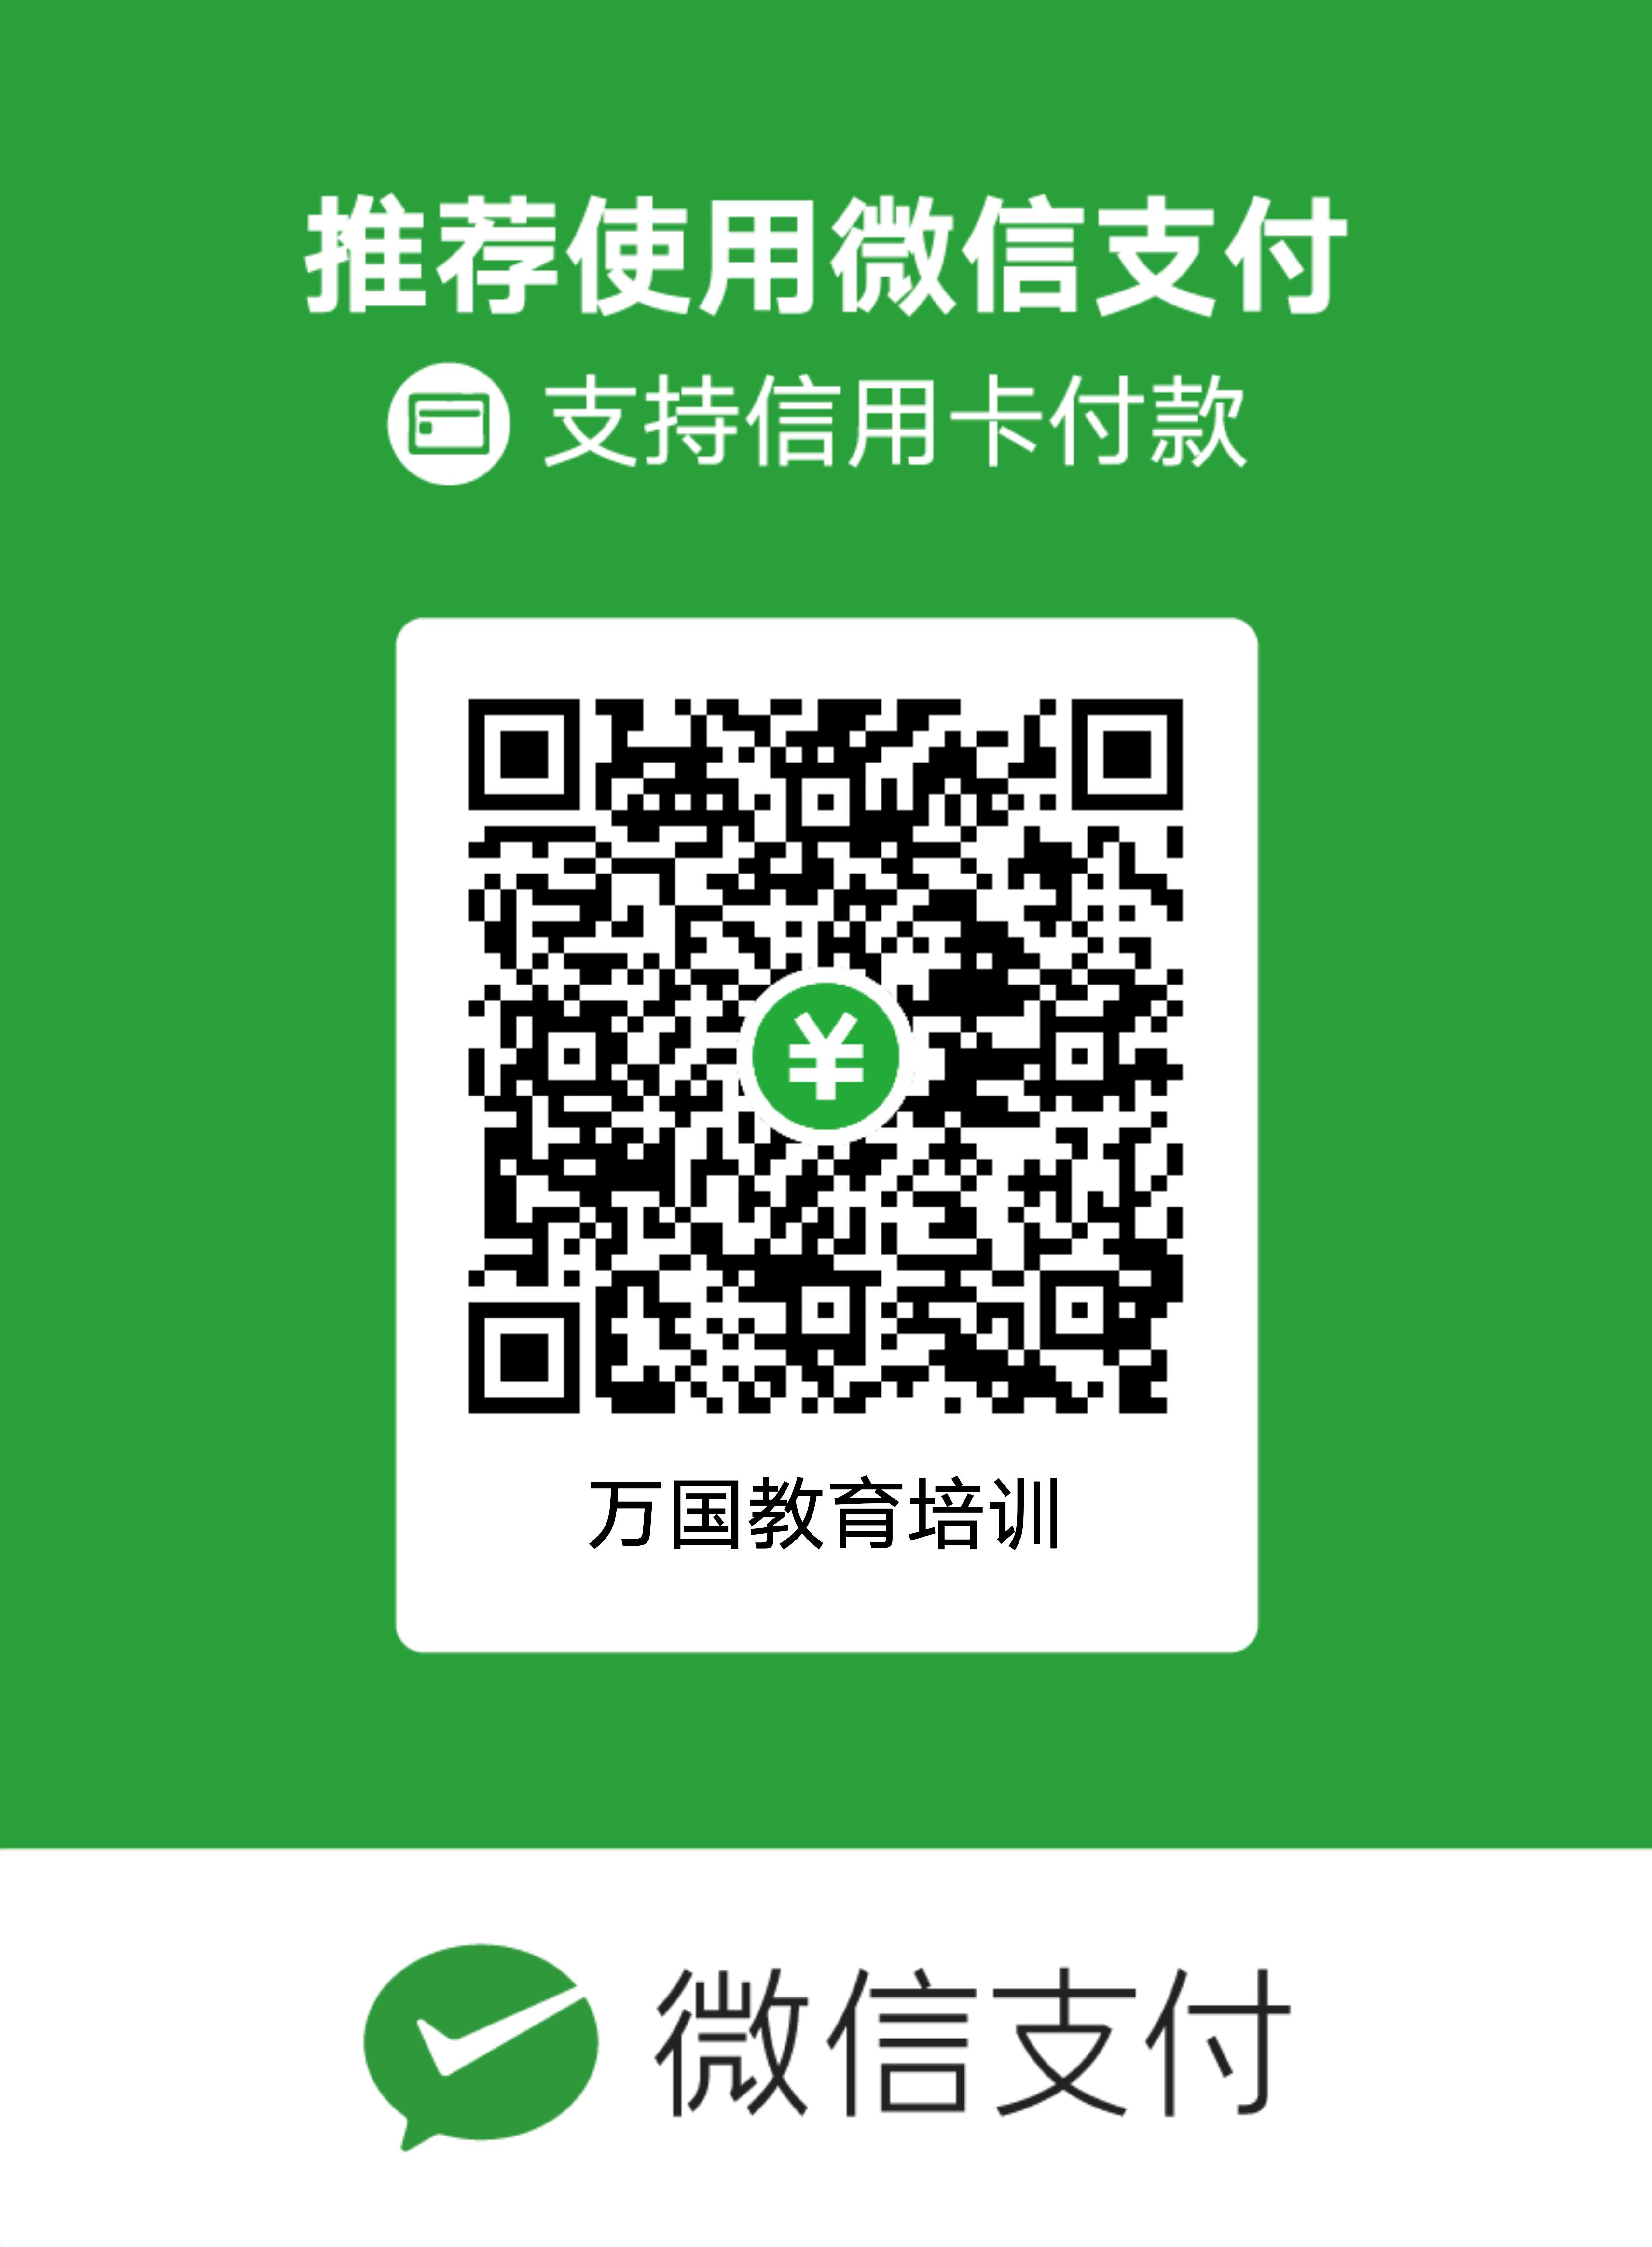 微信支付二维码